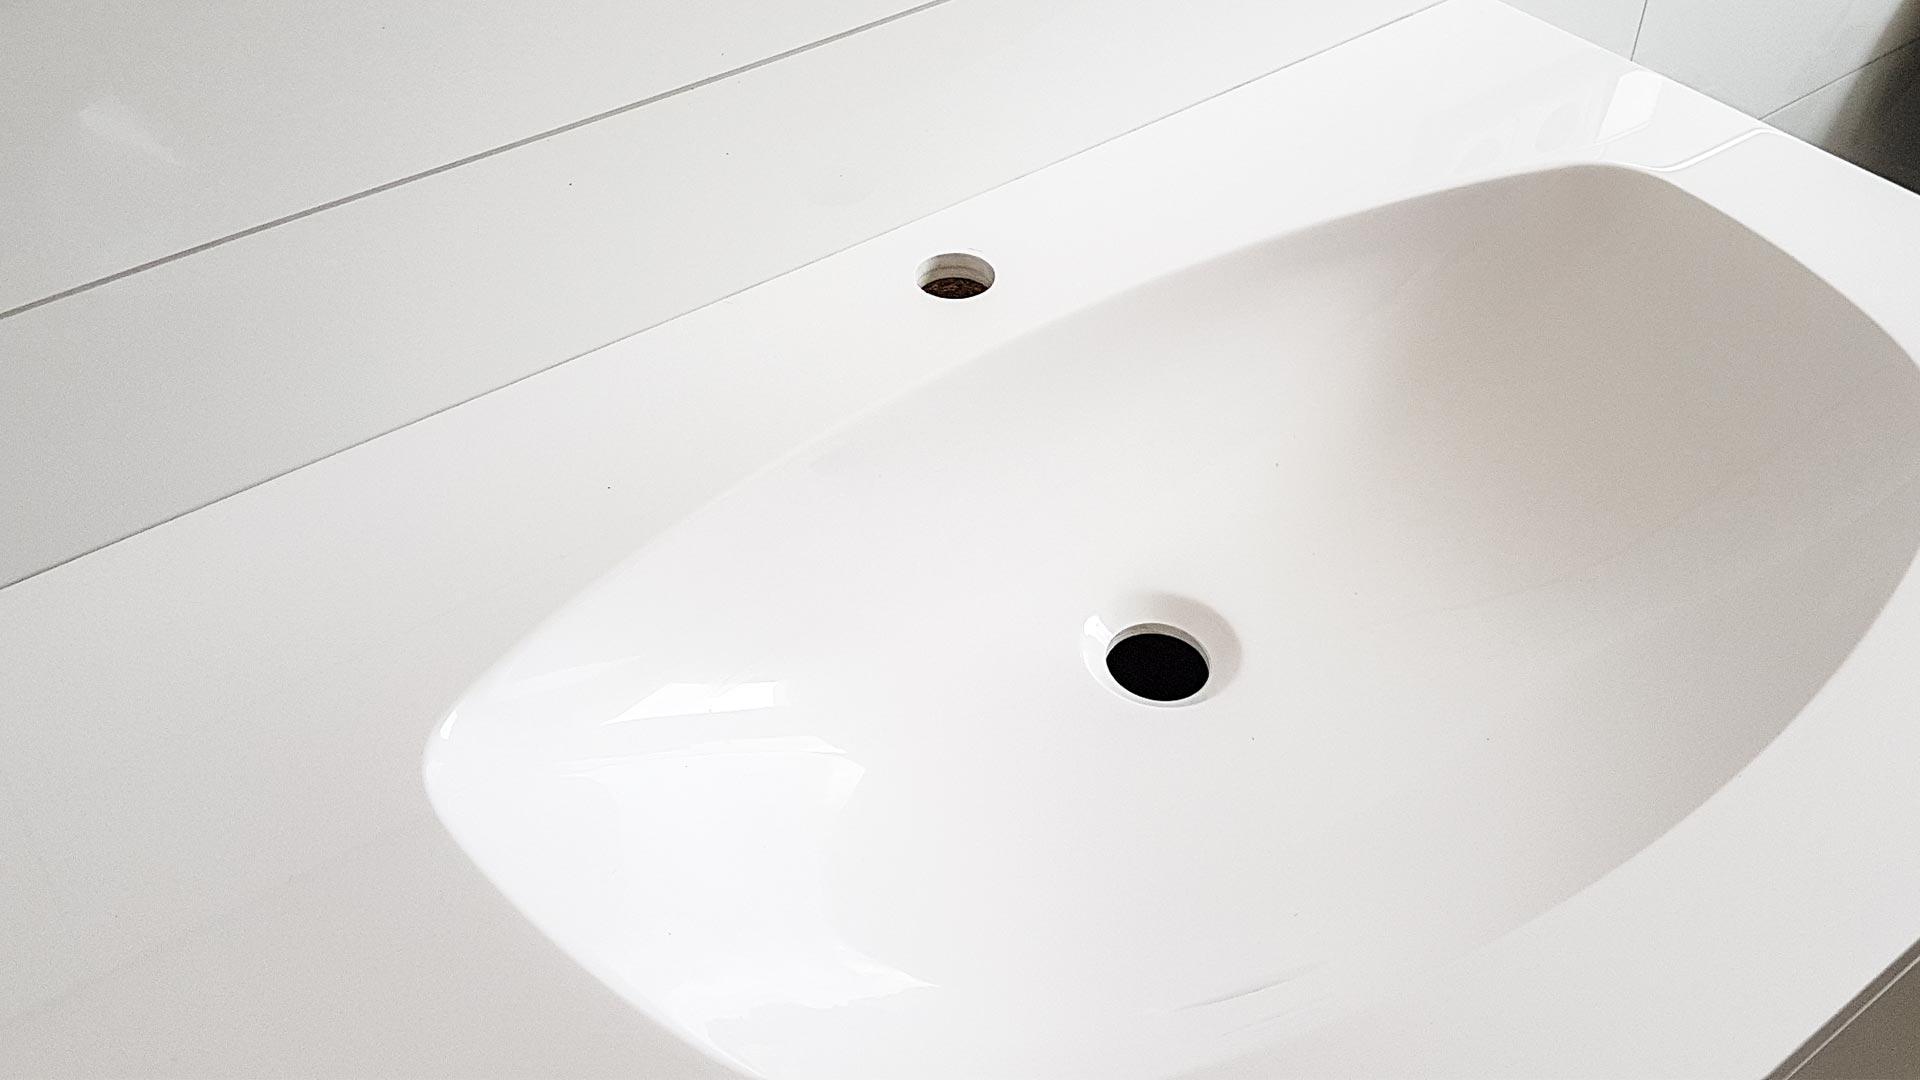 Porzellankeramik hat eine unvergleichlich ebenmäßige Oberfläche.